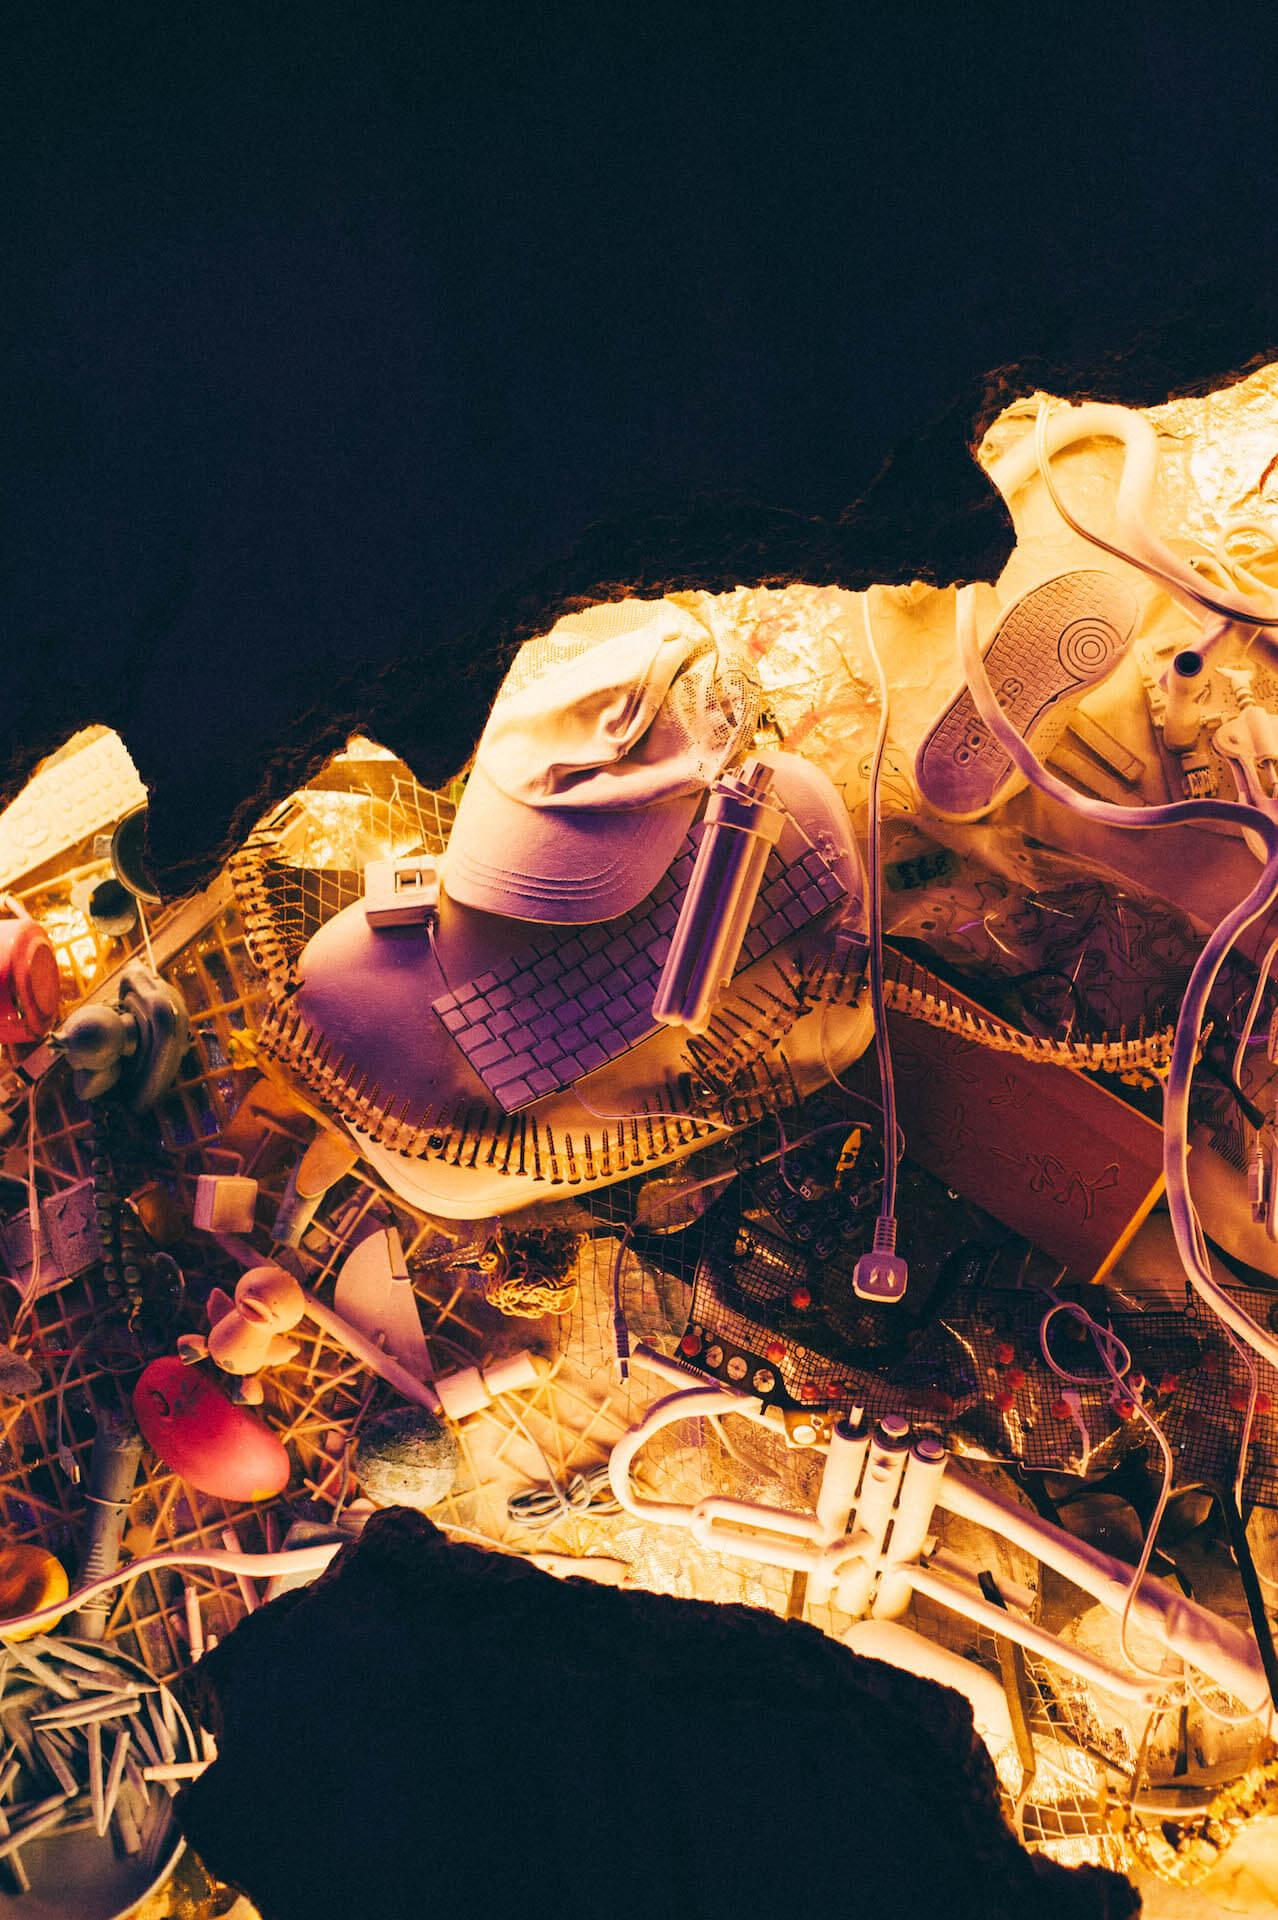 新生渋谷PARCOのカオスなフードエリア「CHAOS KITCHEN」注目の3店舗をピックアップ lfefashion-20191122-parco-8767